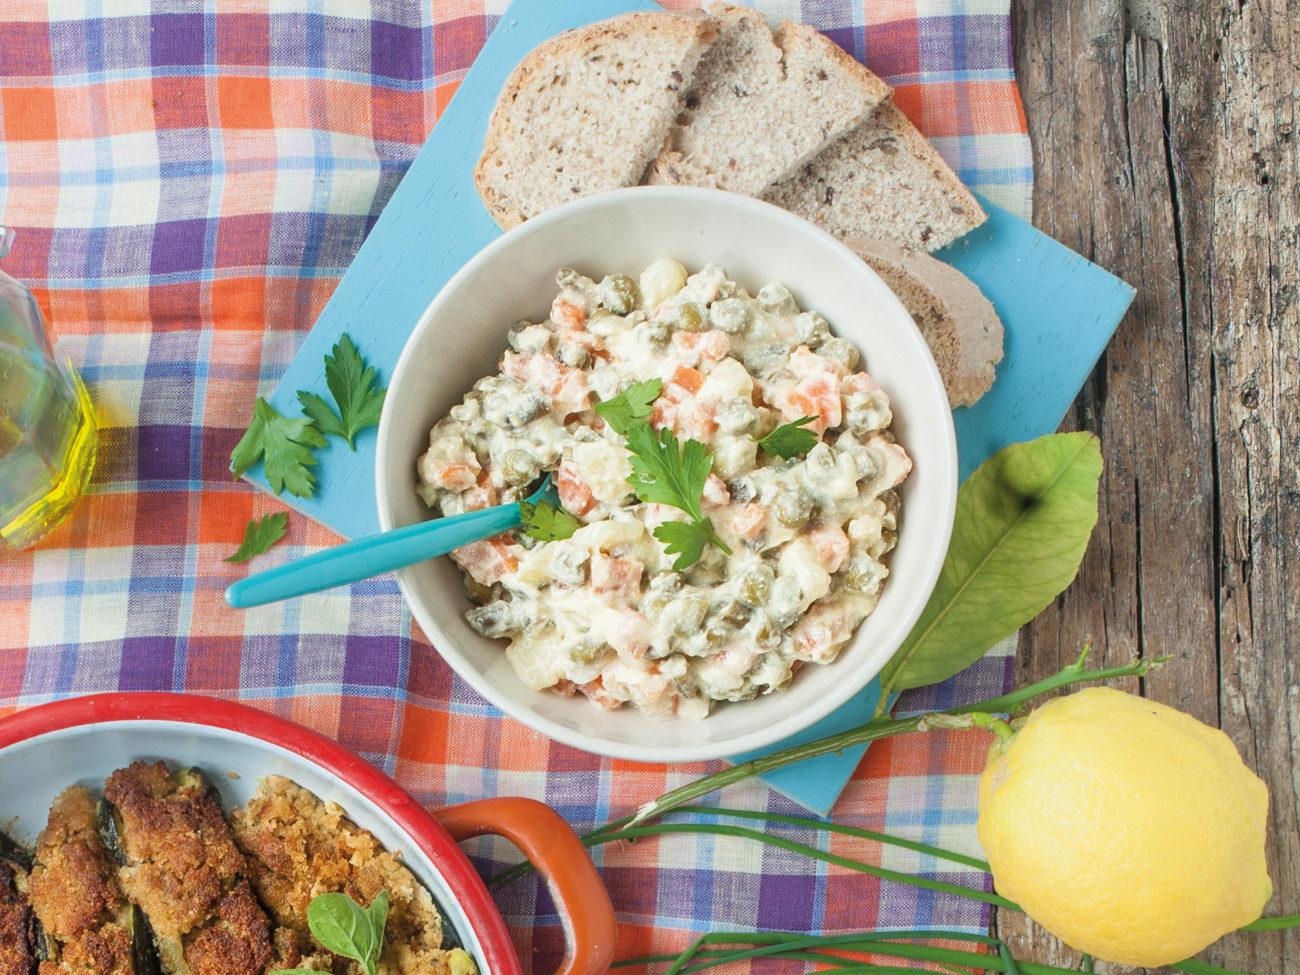 insalata russa veg - cucinare secondo natura